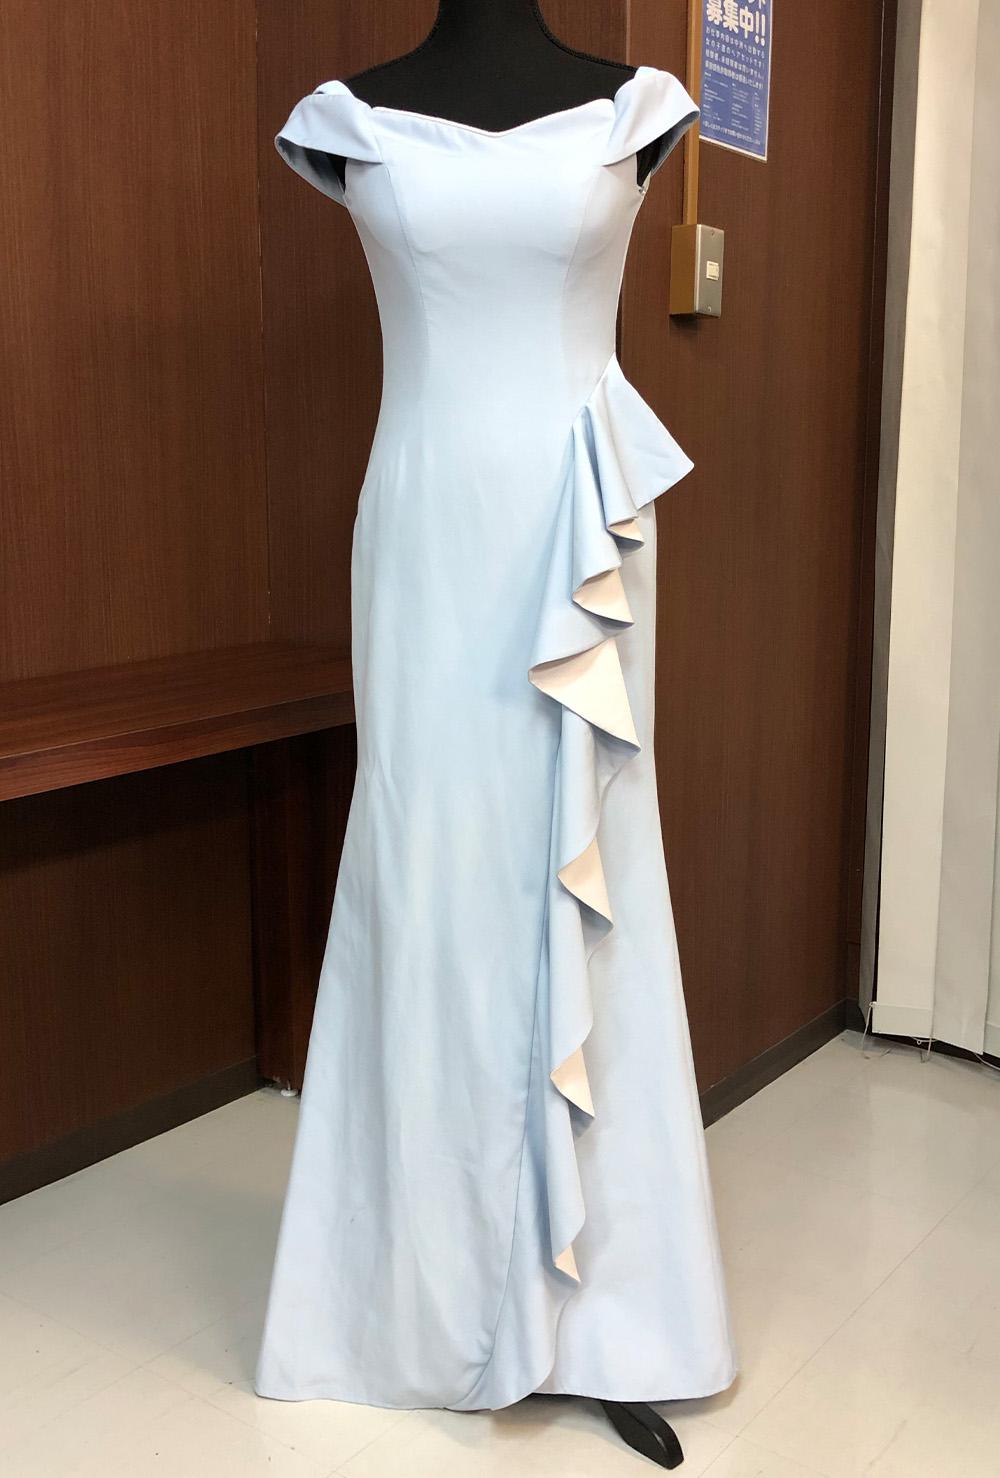 ロングスカートに斜めにはしる大きなフリルがユニークなドレス